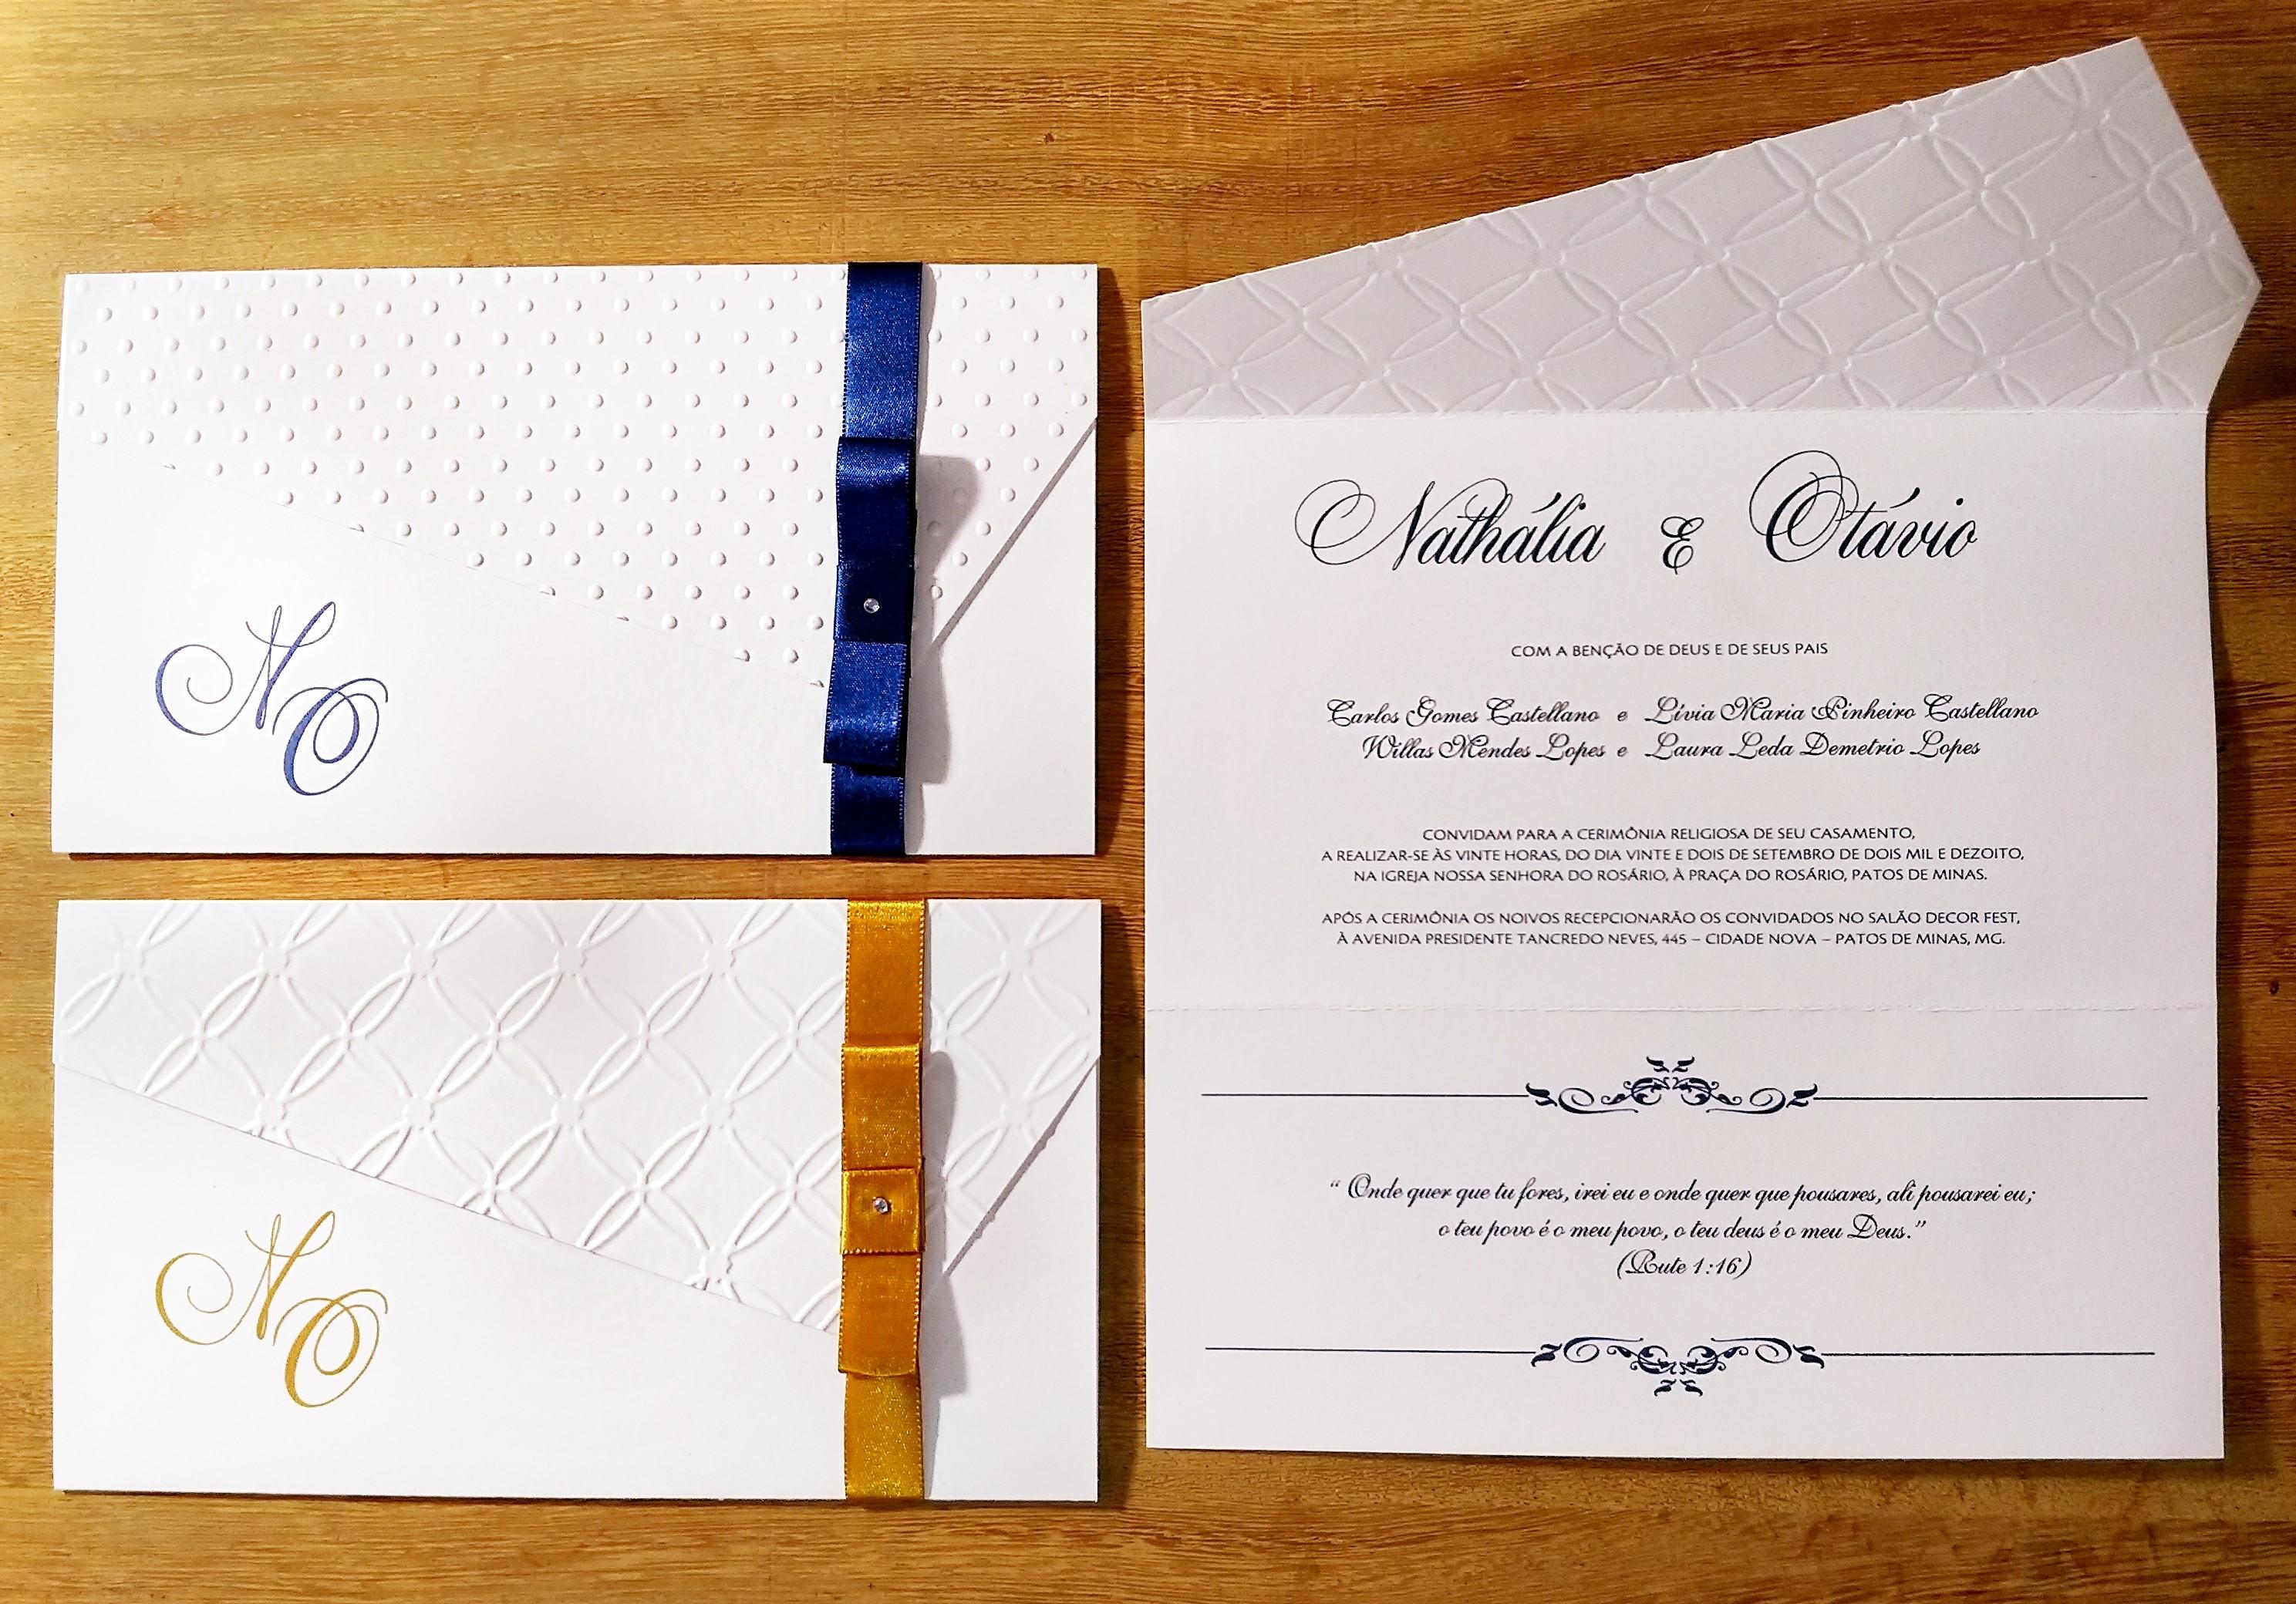 f9976ed37f8 Convite Classico Casamento Relevo Seco e Laco Chanel